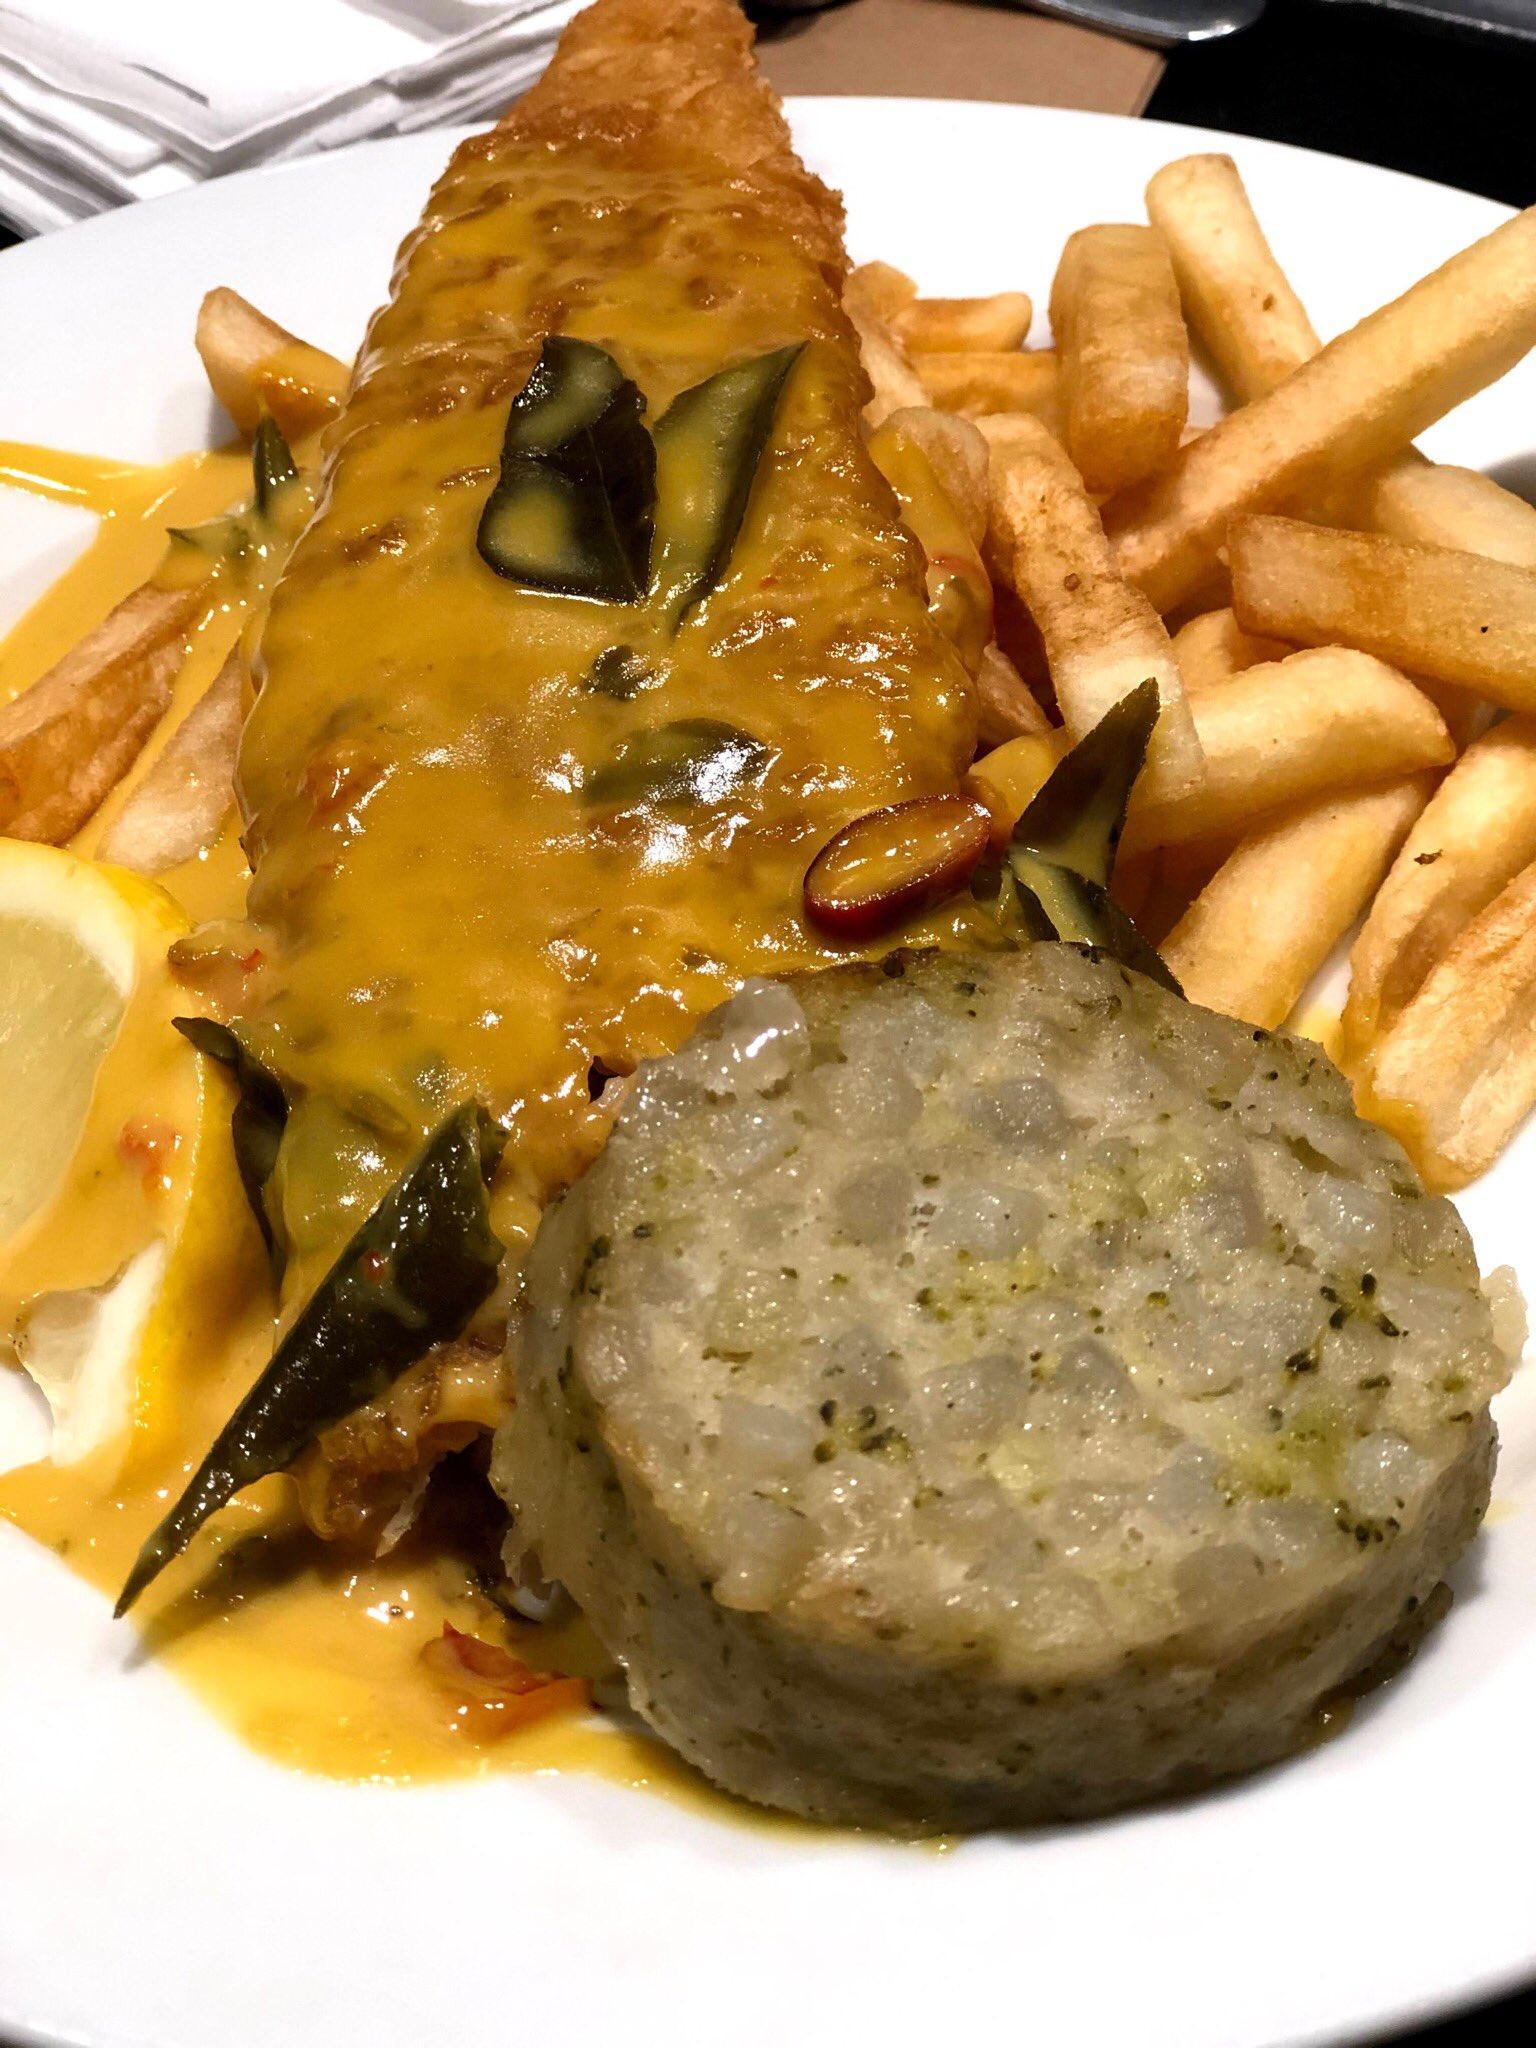 panduan tips ikea makanan sedap menu recommended